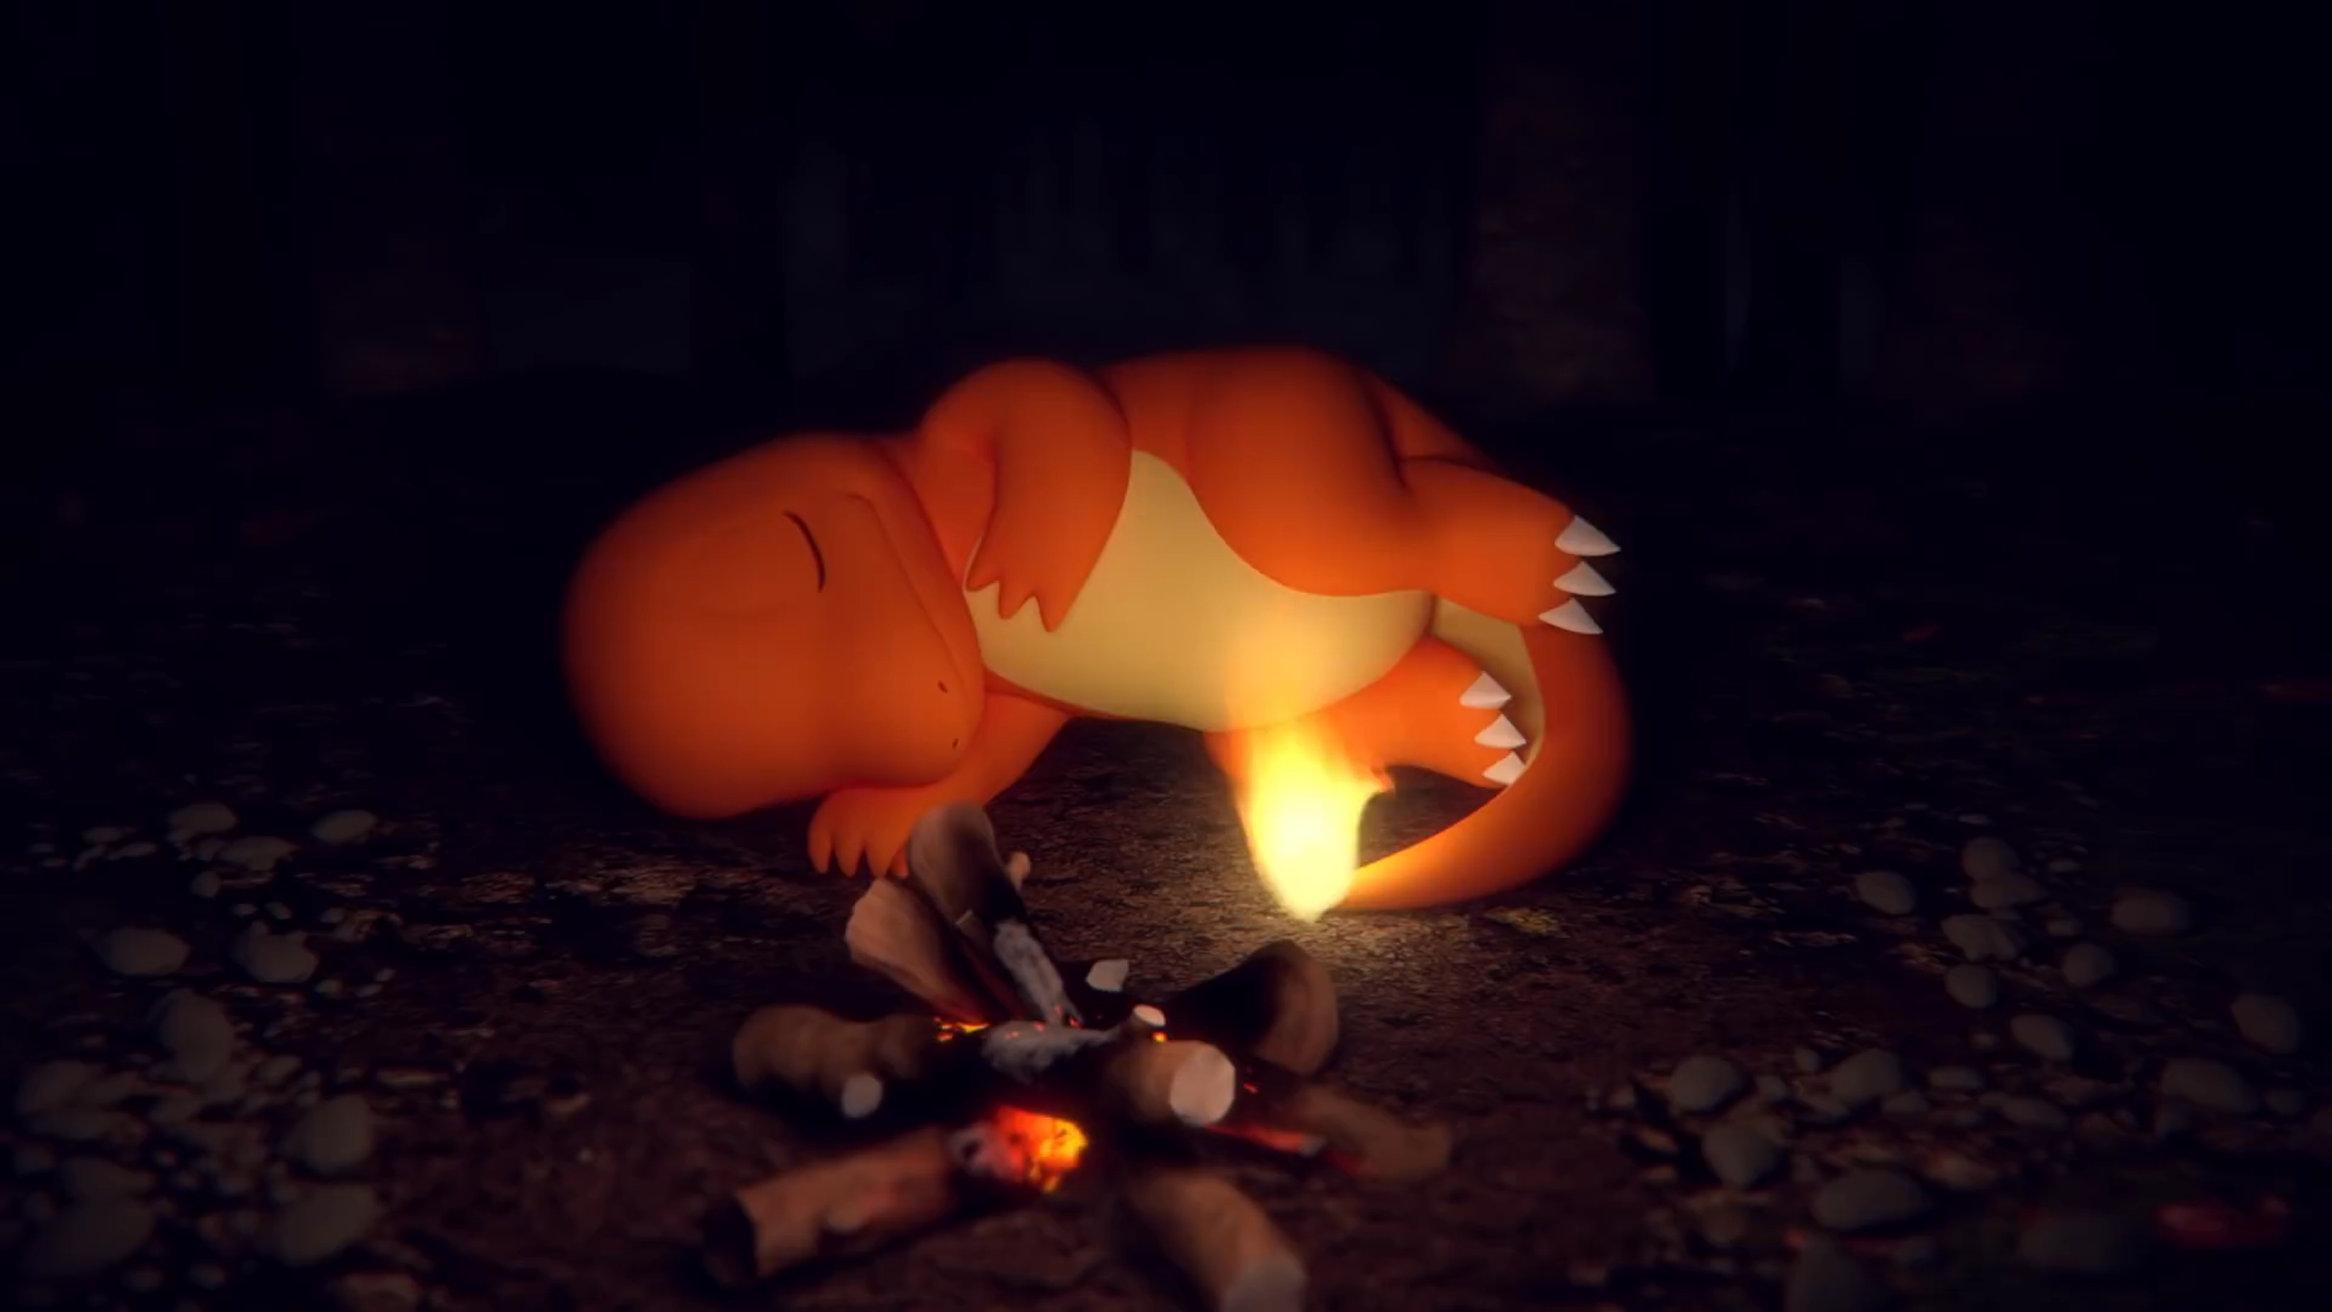 ポケモン、ヒトカゲと焚火の音を楽しむASMR動画。ハリマロン